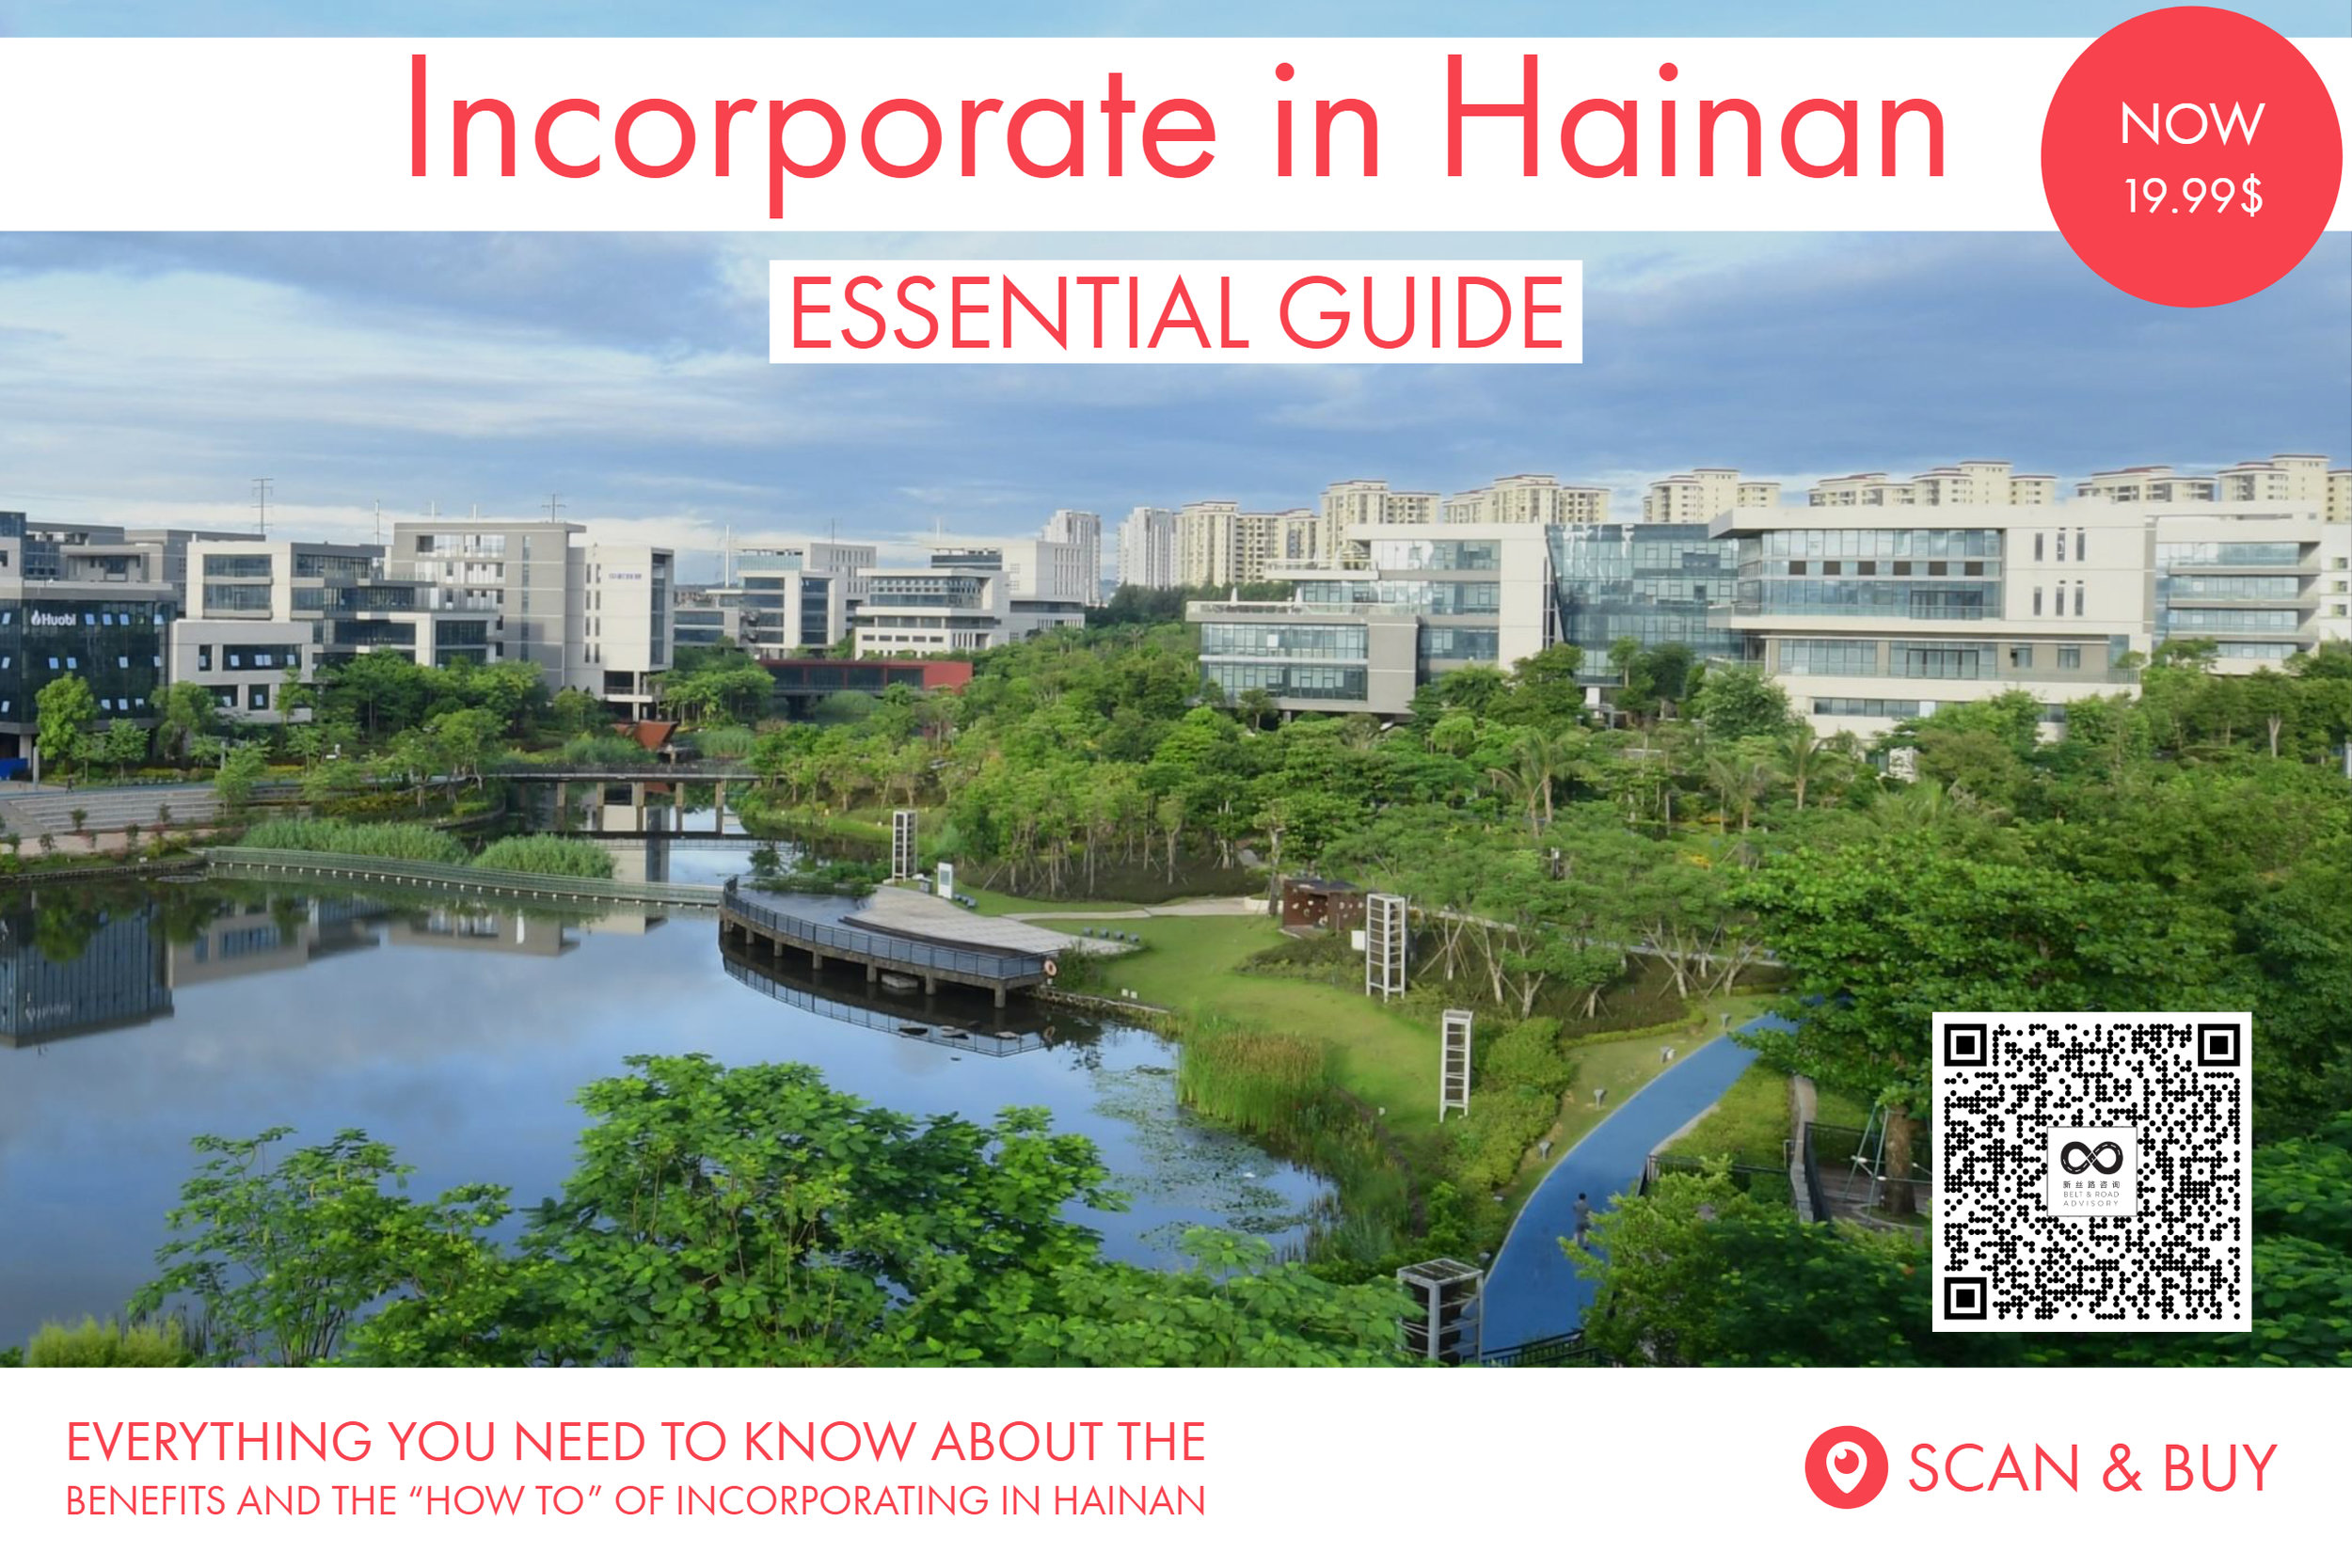 Hainan Essential Guide Promo.jpg